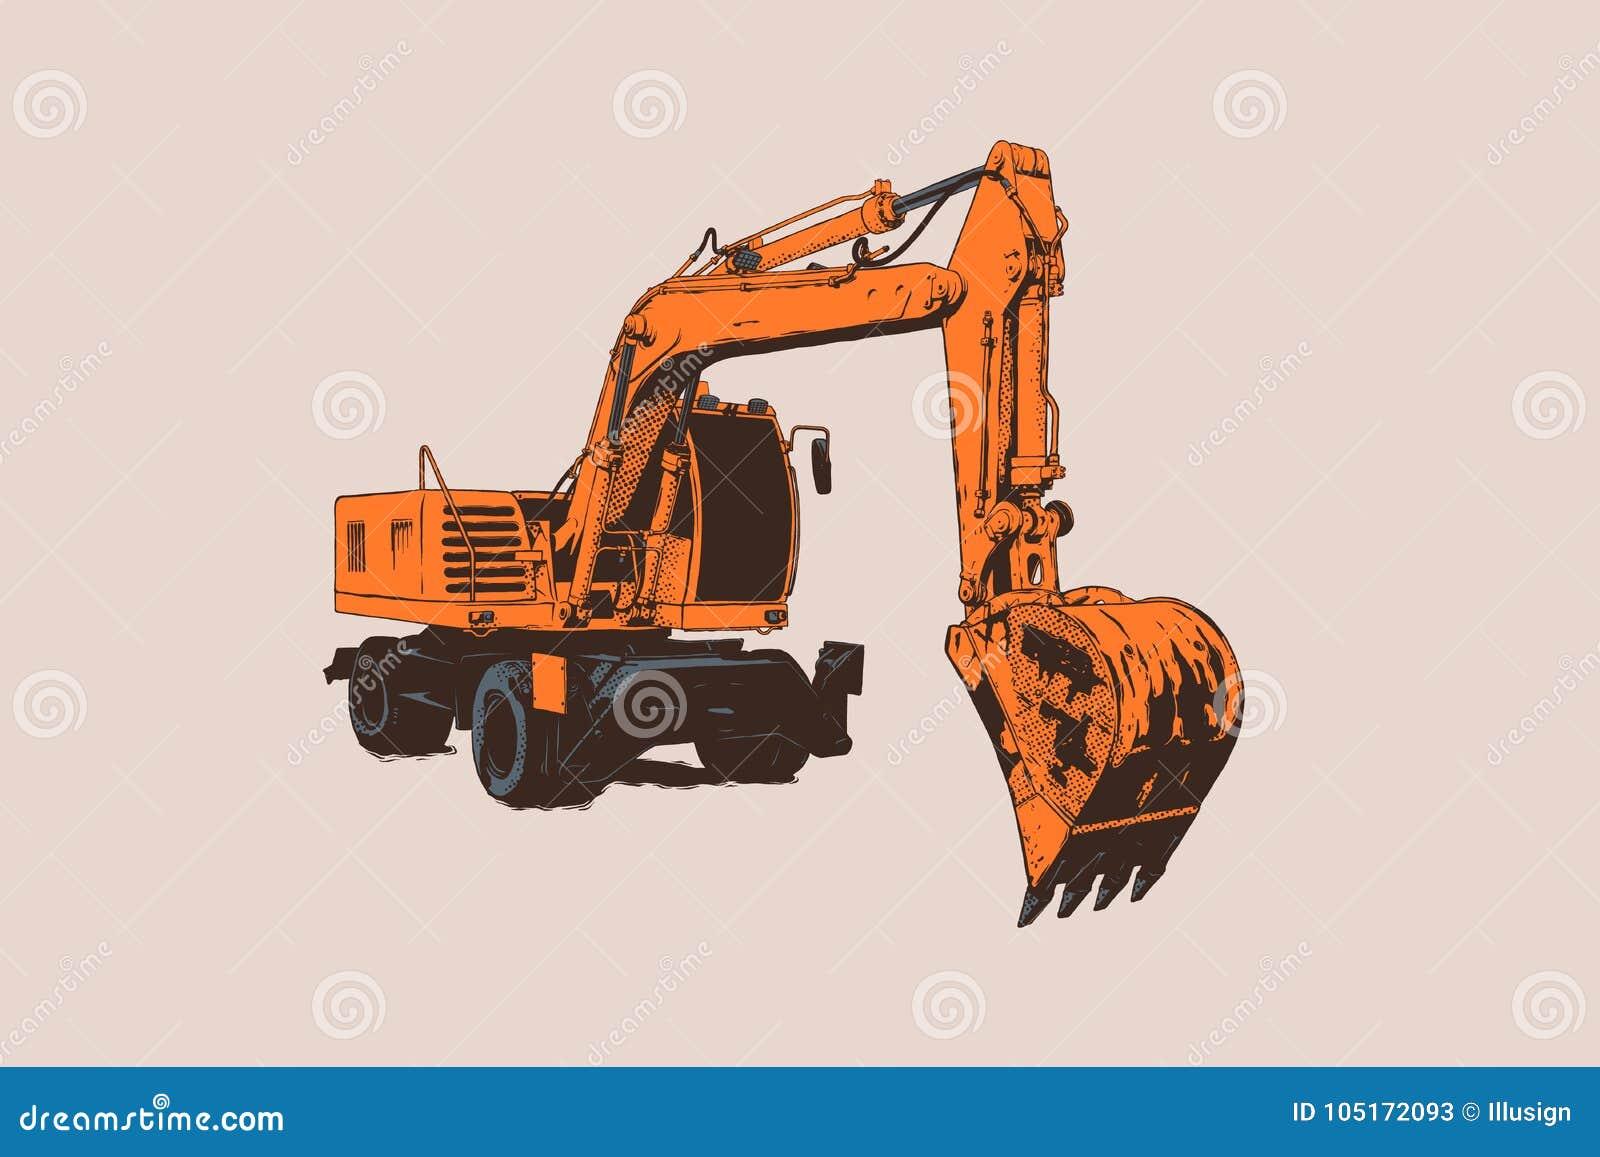 Excavator Isolado Equipamento especial Máquina escavadora Ilustração do vetor